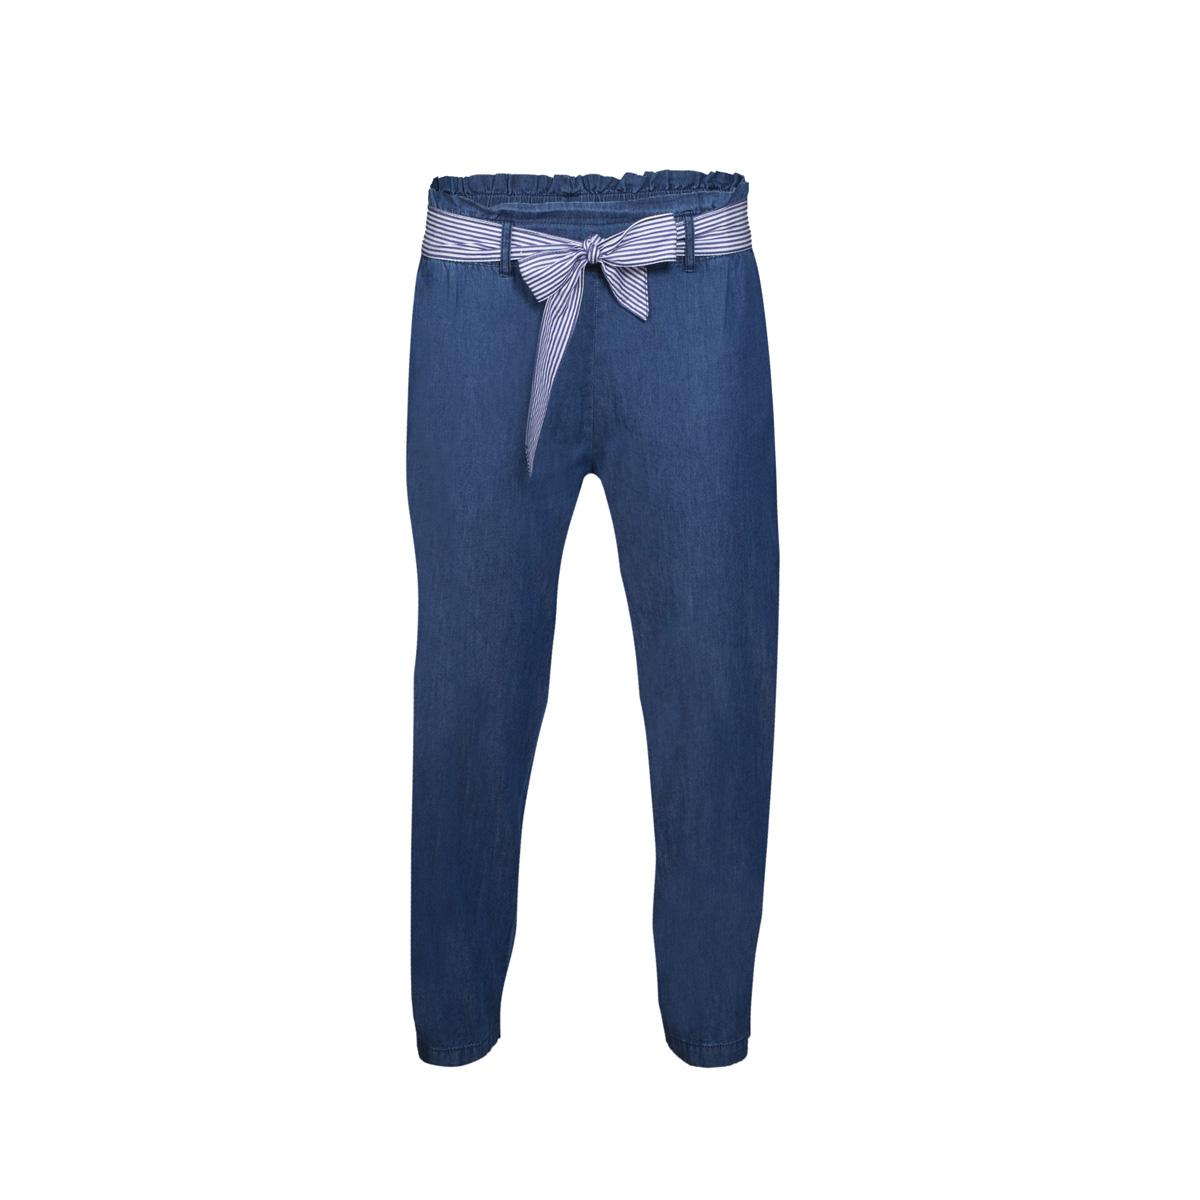 Ženske hlače, svetlo modra